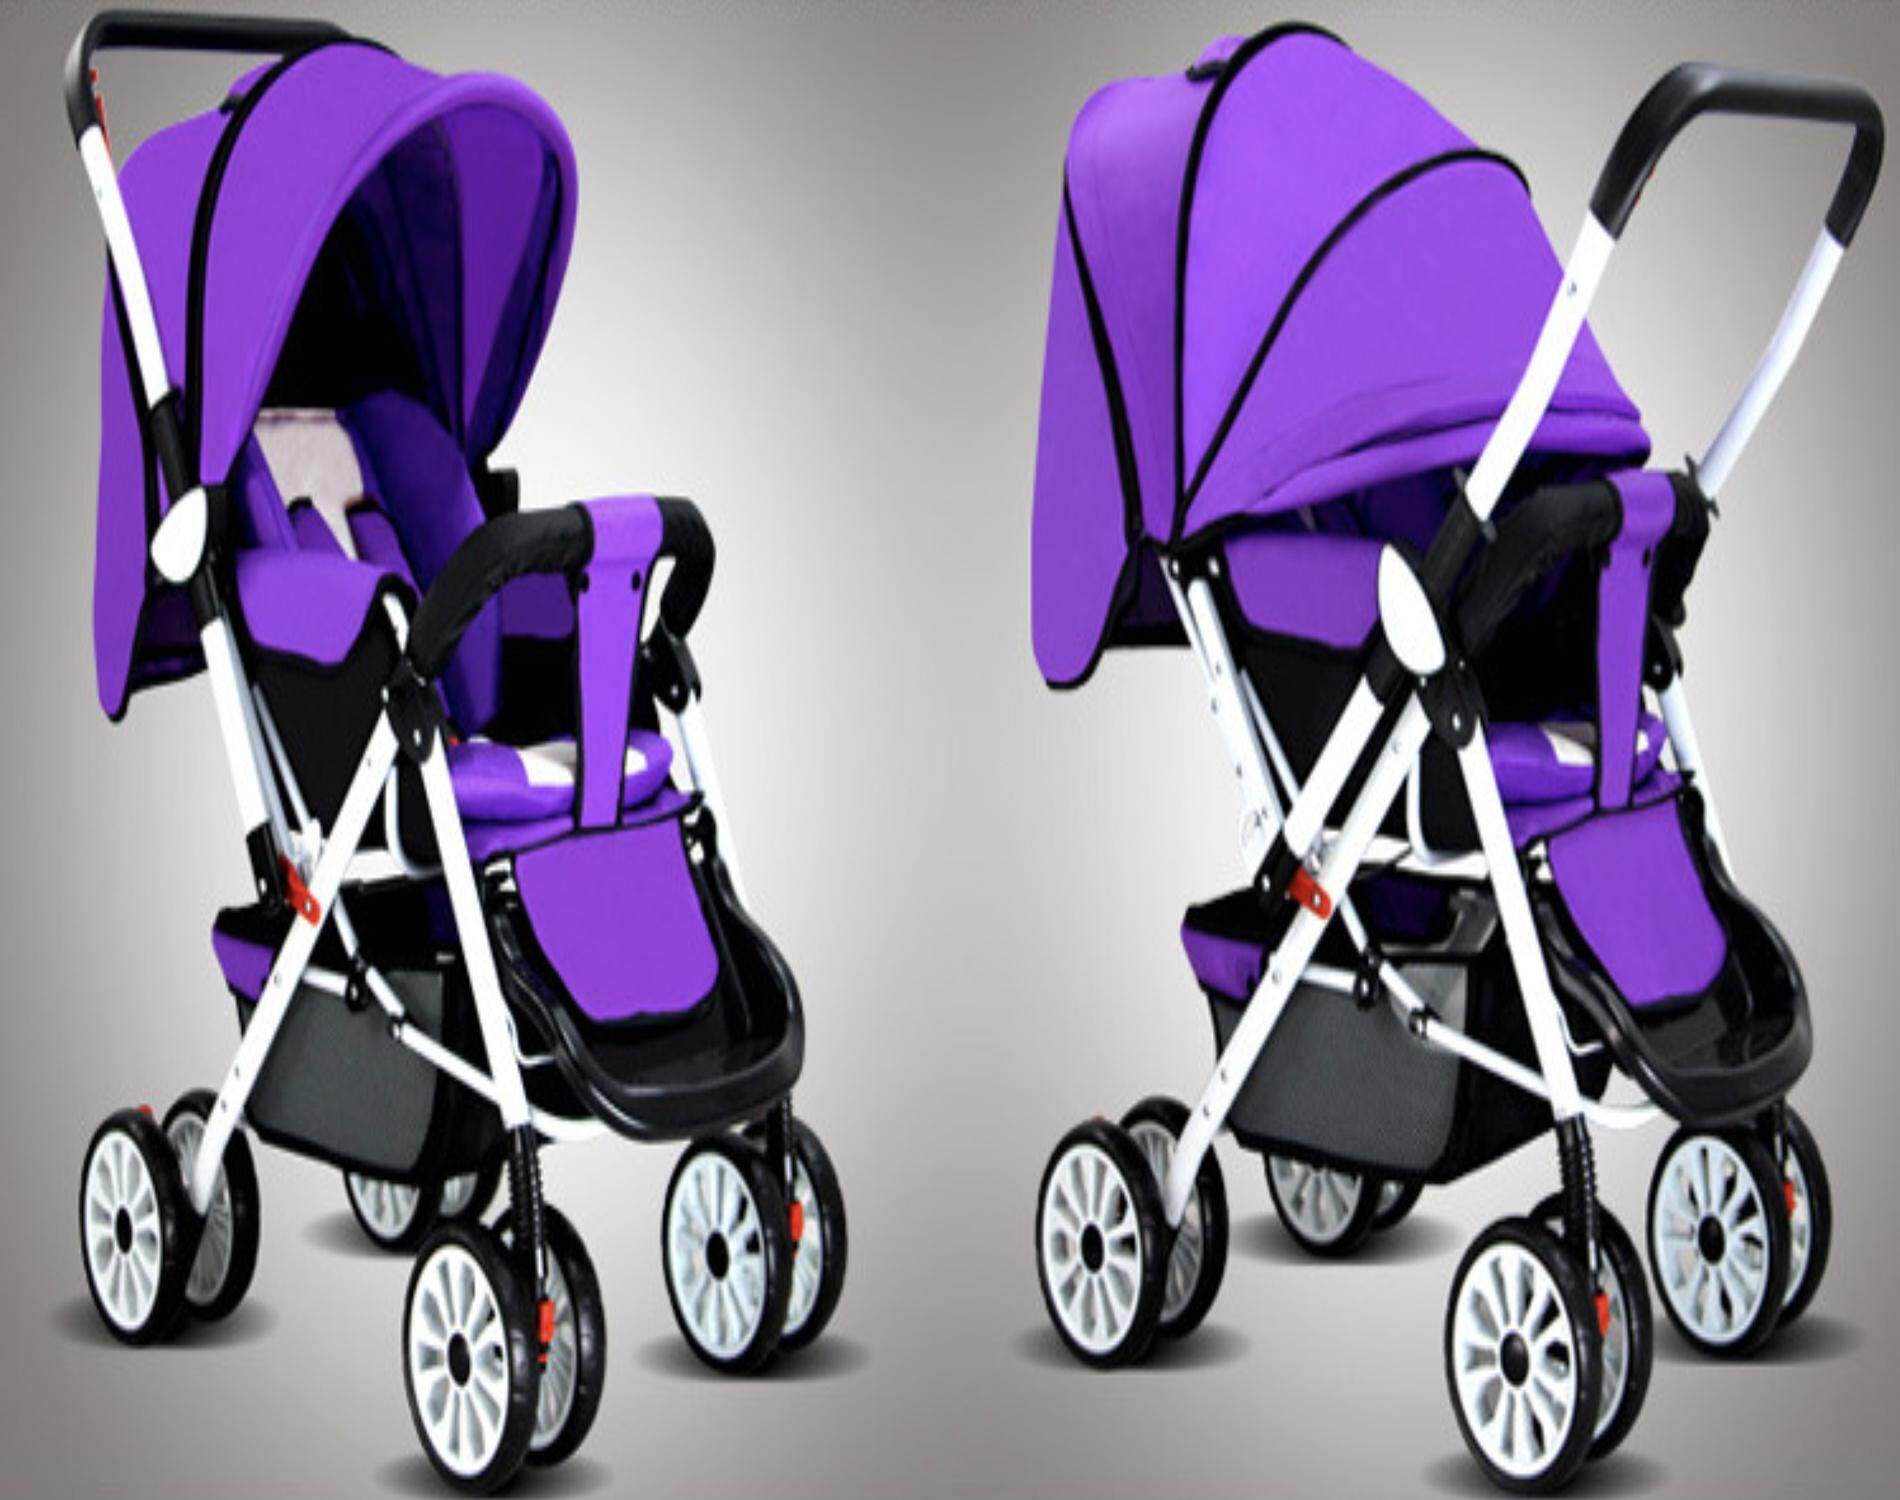 ฉลองยอดขายอันดับ 1 ลดราคา รถเข็นเด็กแบบนอน รถเข็นเด็กทารกแบบพกพาพับน้ำหนักเบาเด็กวัยหัดเดินท่องเที่ยว  ฟรีมุ้งคร้า Baby Stoller รถมันมีปุ่มกดพับได้ด้วย รถพับเก็บไว้ได้  สีม่วงPurple ถูกกว่านี้ไม่มีอีกแล้ว